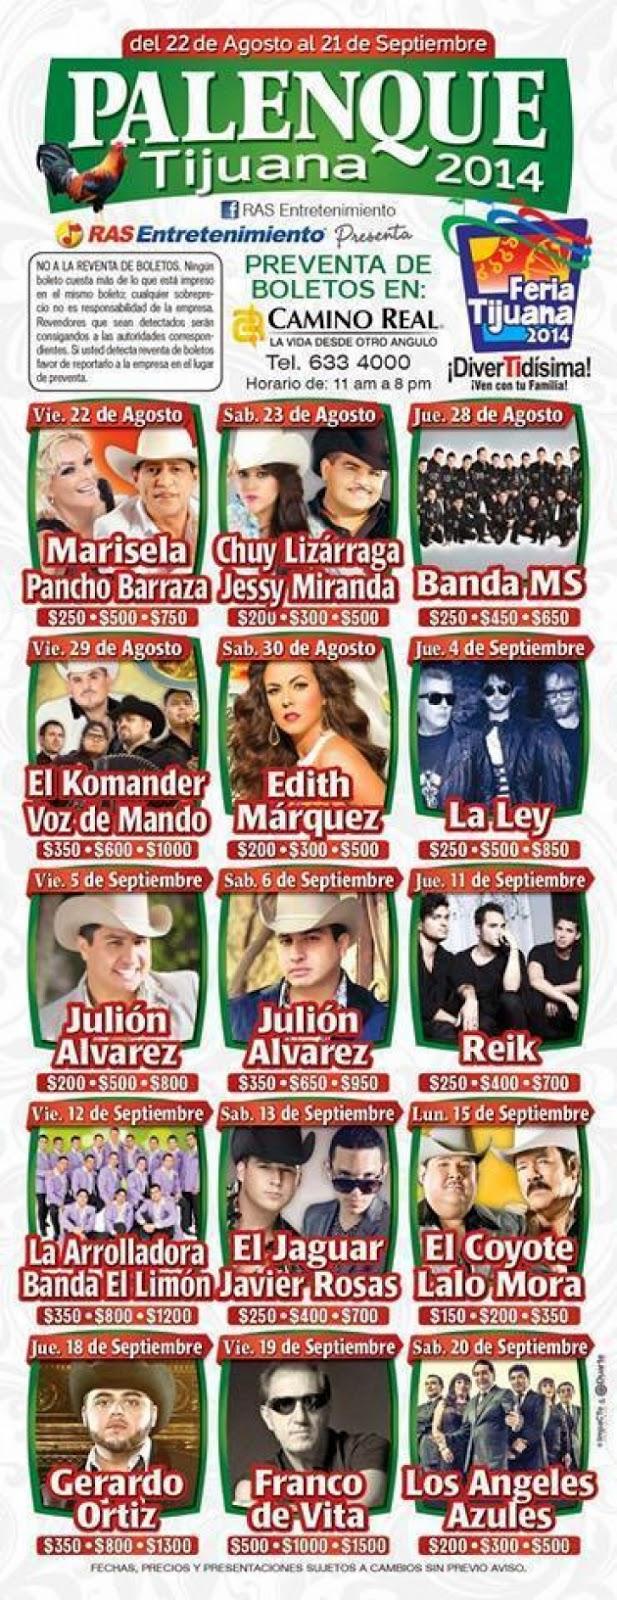 Artistas Palenque Feria Tijuana 2014